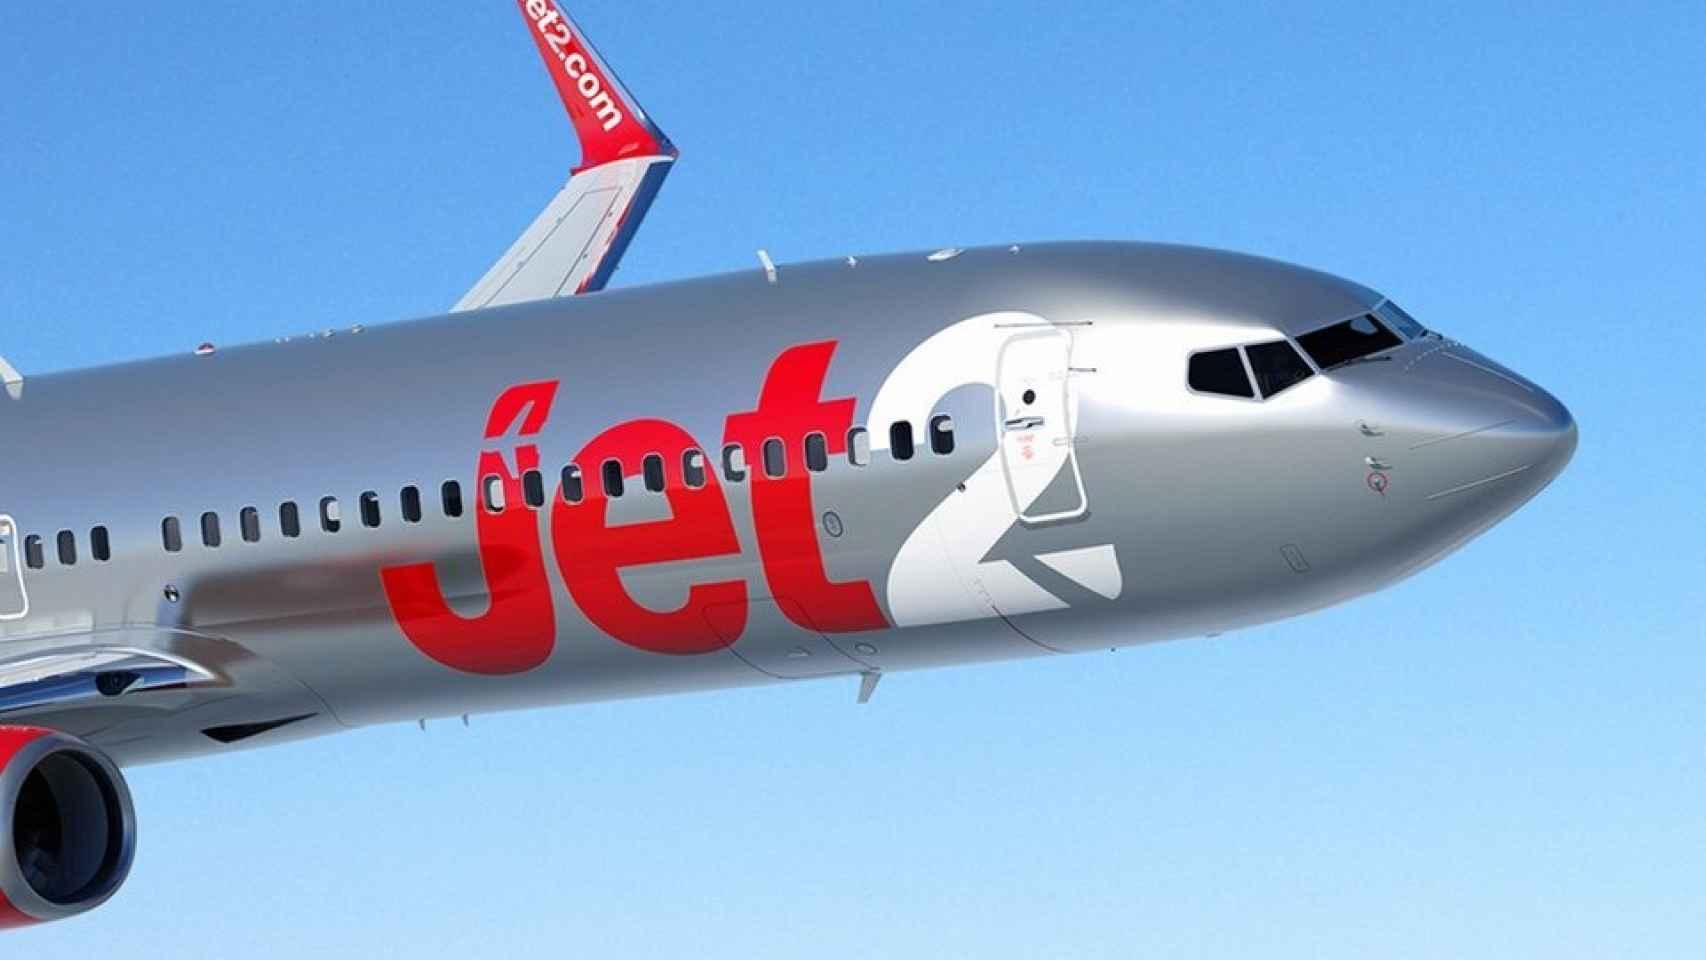 Un avión de la compañía Jet2 en una imagen de archivo.